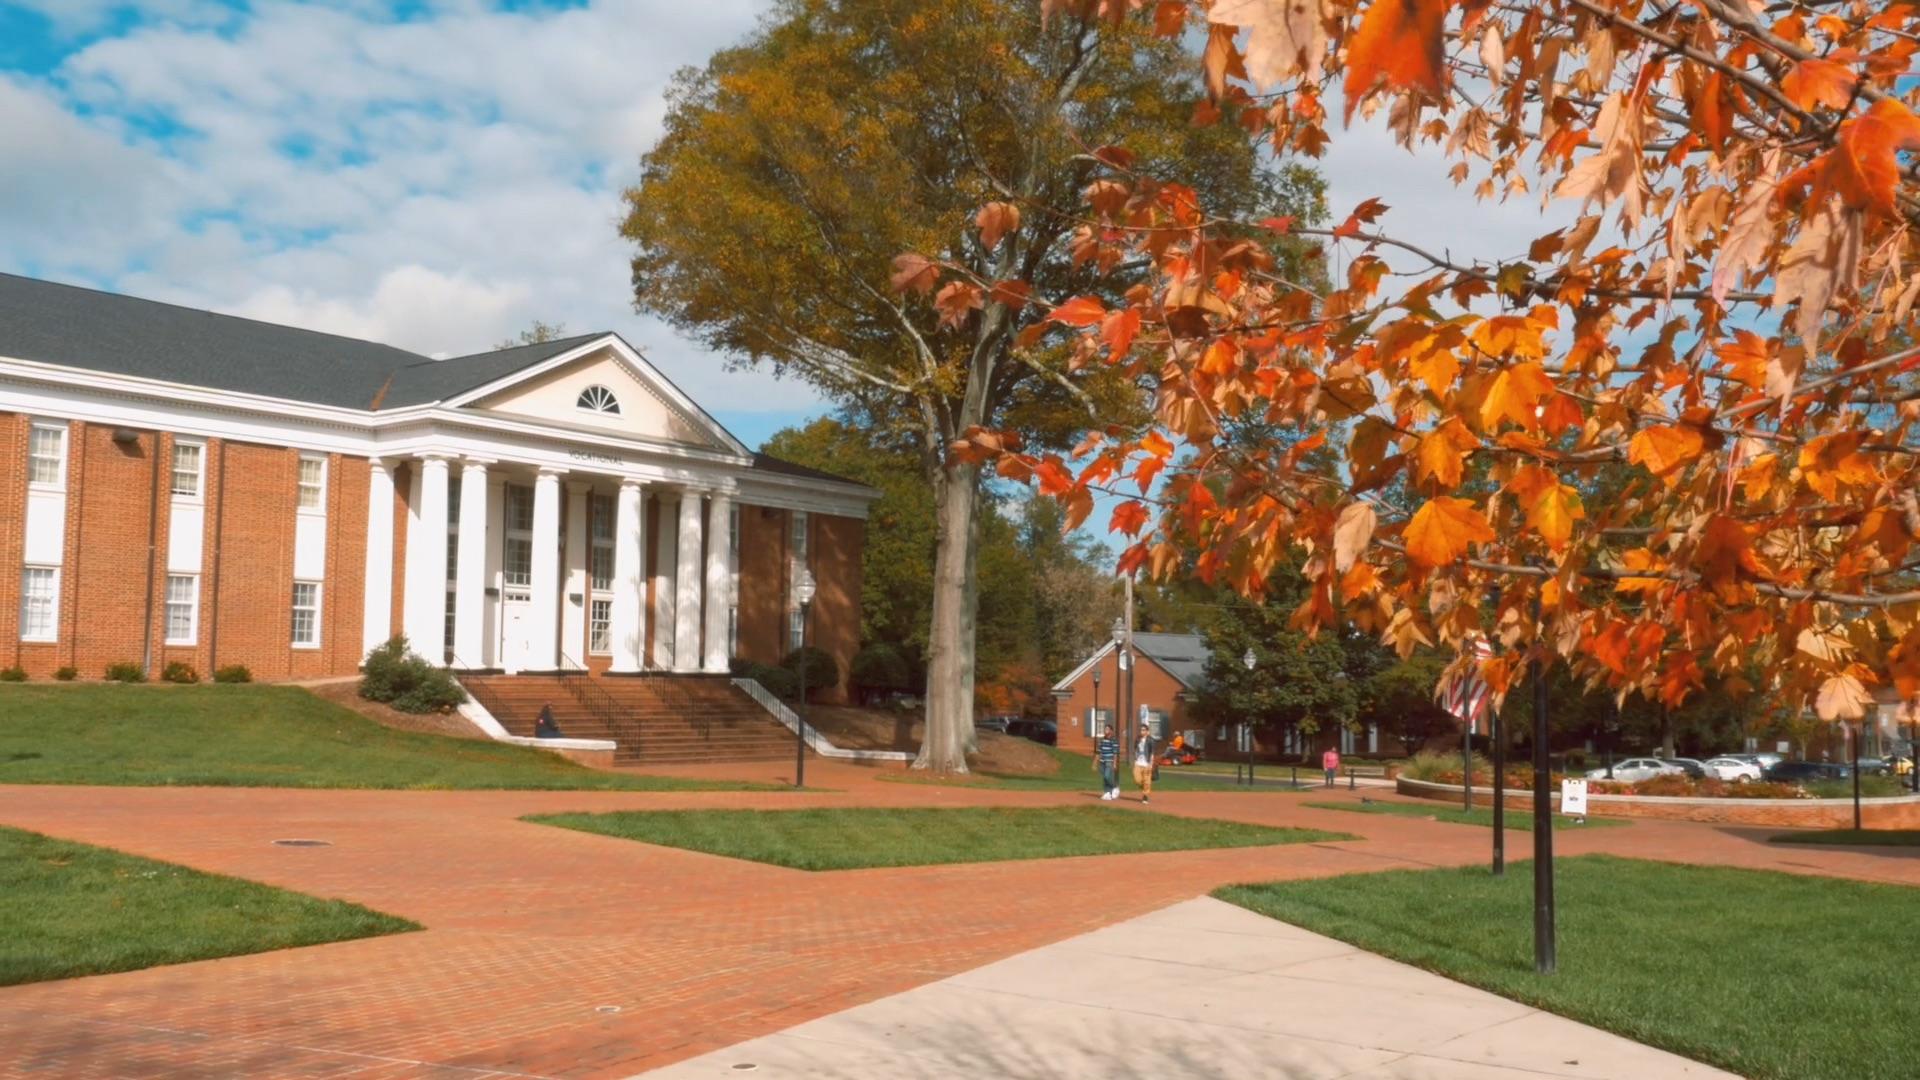 Mitchell's Statesville Campus